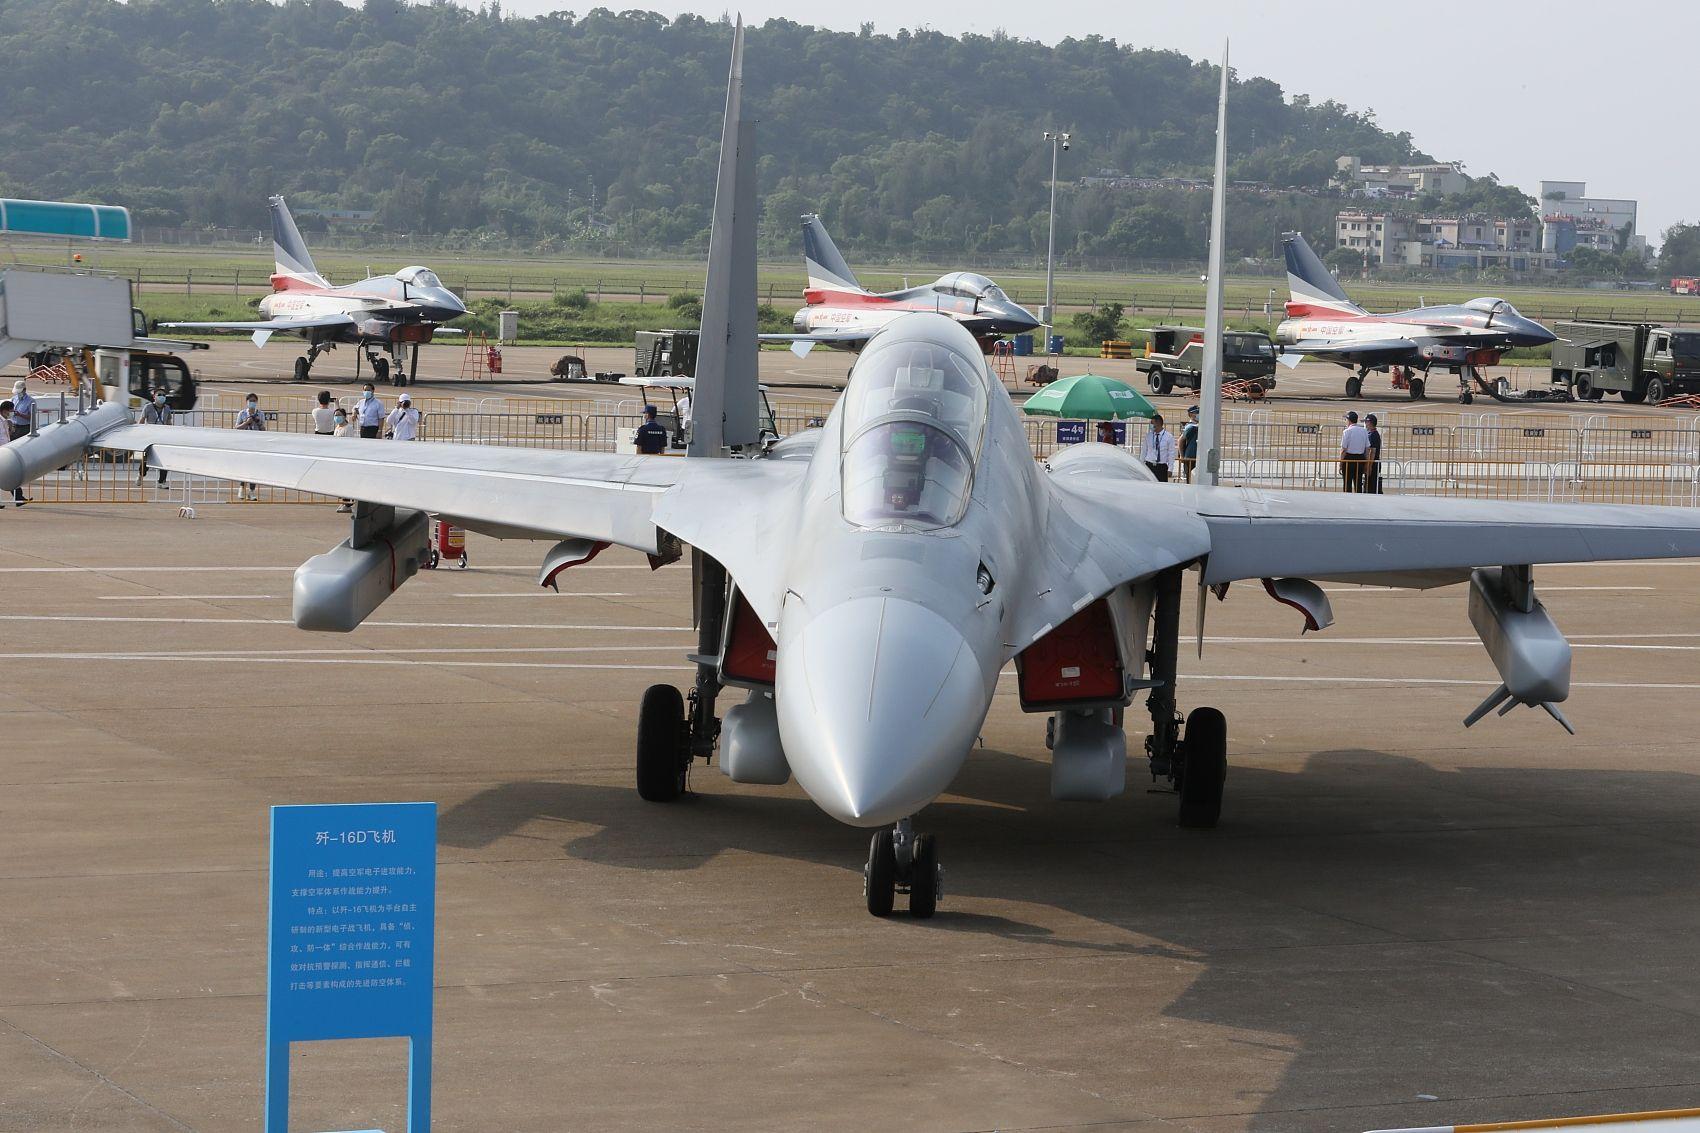 防空識別區,ADIZ,F-16V,幻象2000,美國,南海,台灣海峽,西南海域,國防部,空軍,台海情勢,兩岸關係,制空權,日本